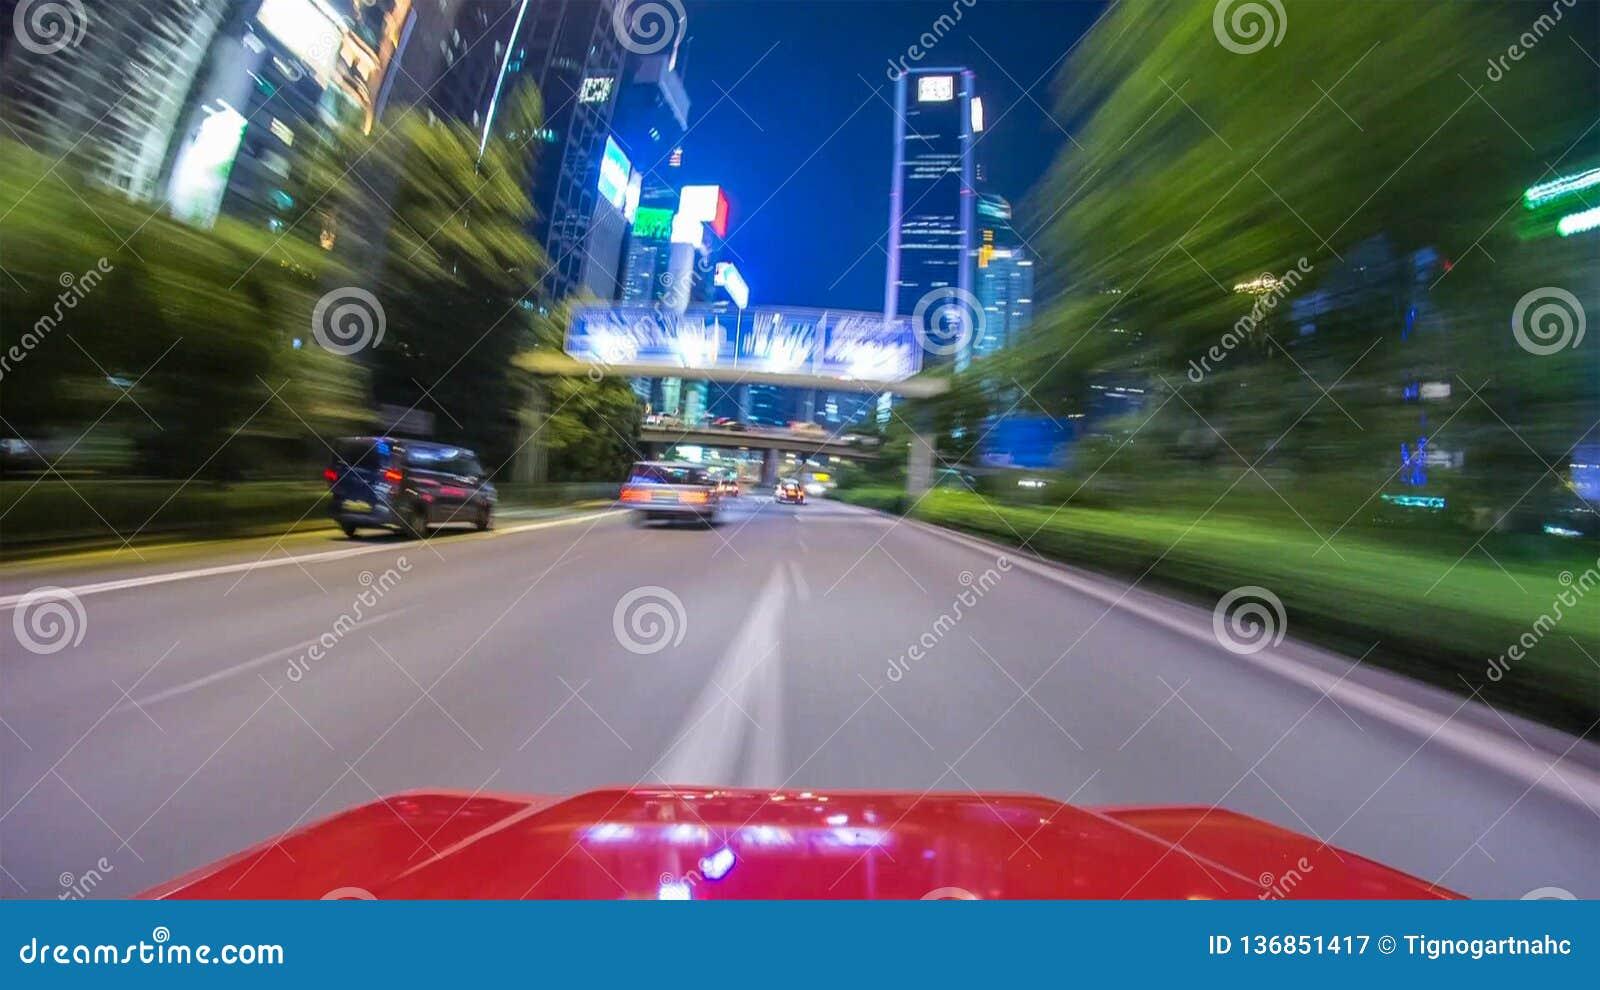 驾车在街道上高速,追上其他汽车